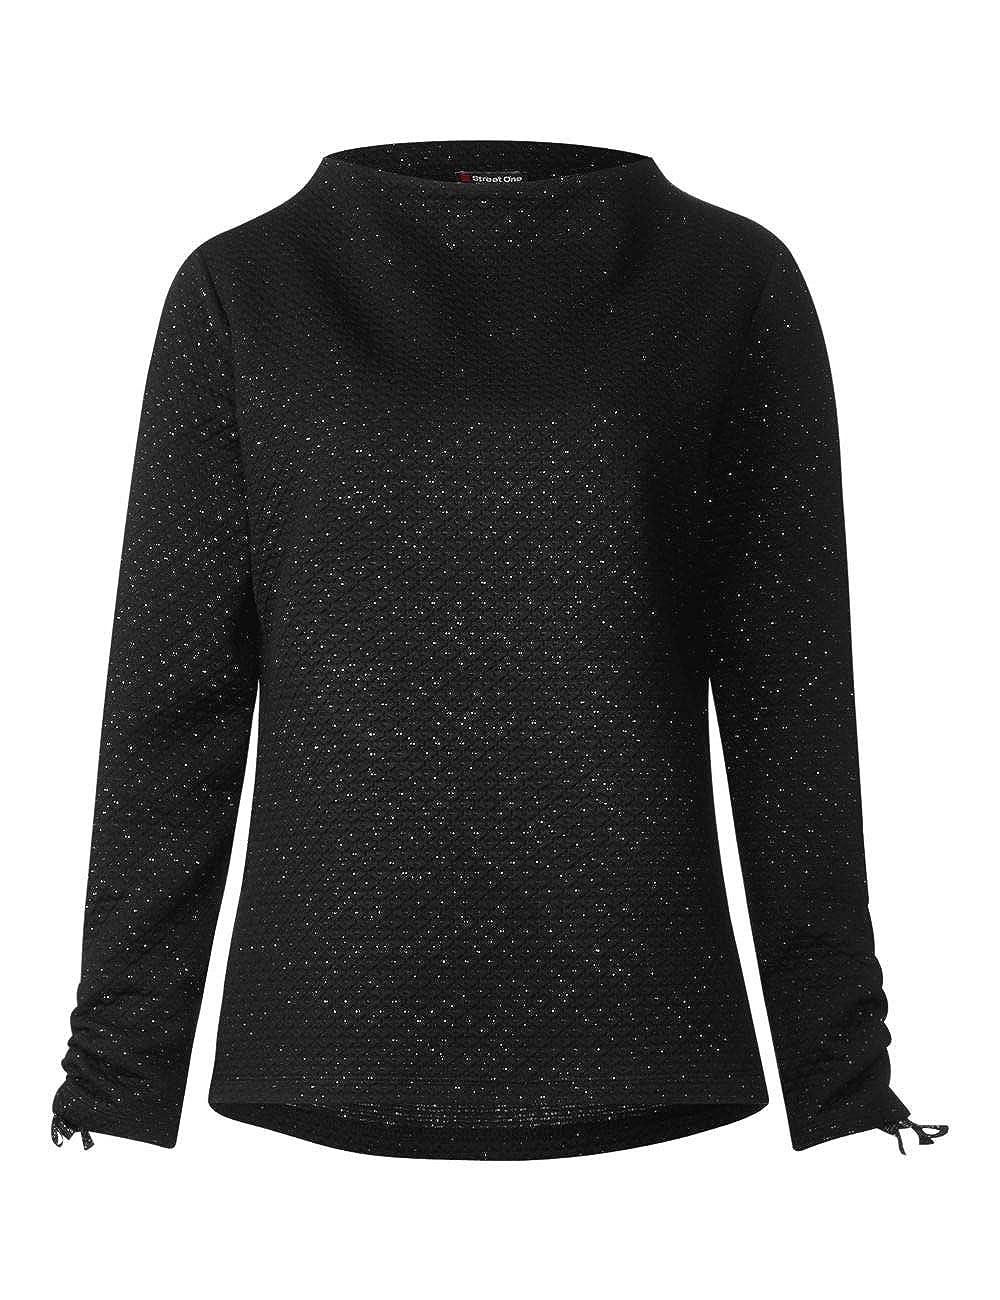 Street Street Street One Damen Sweatshirt B07GXWC33Y Sweatshirts Sehr gute Klassifizierung 58a854